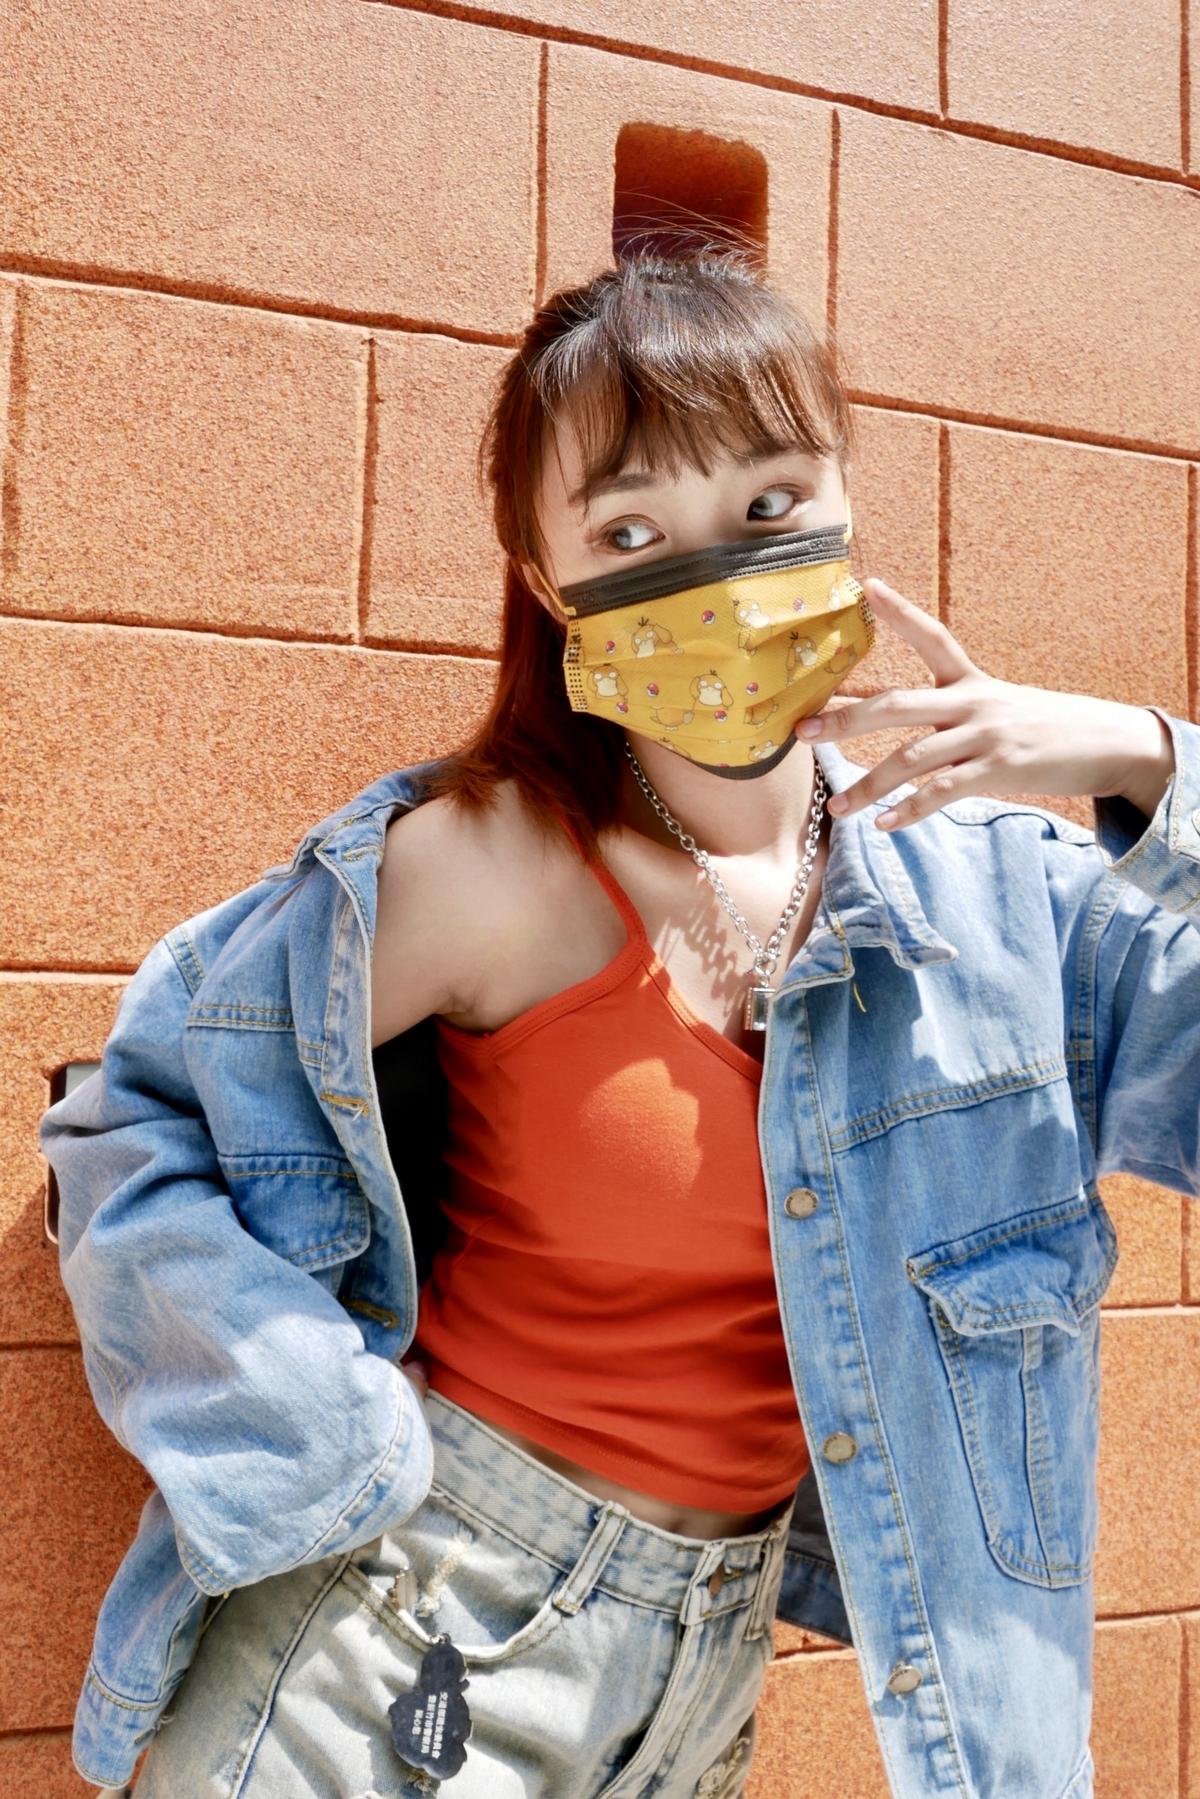 親親口罩 X 寶可夢第二波6款新上市!伊布、胖丁、卡比獸等款式「這天」超萌開賣!